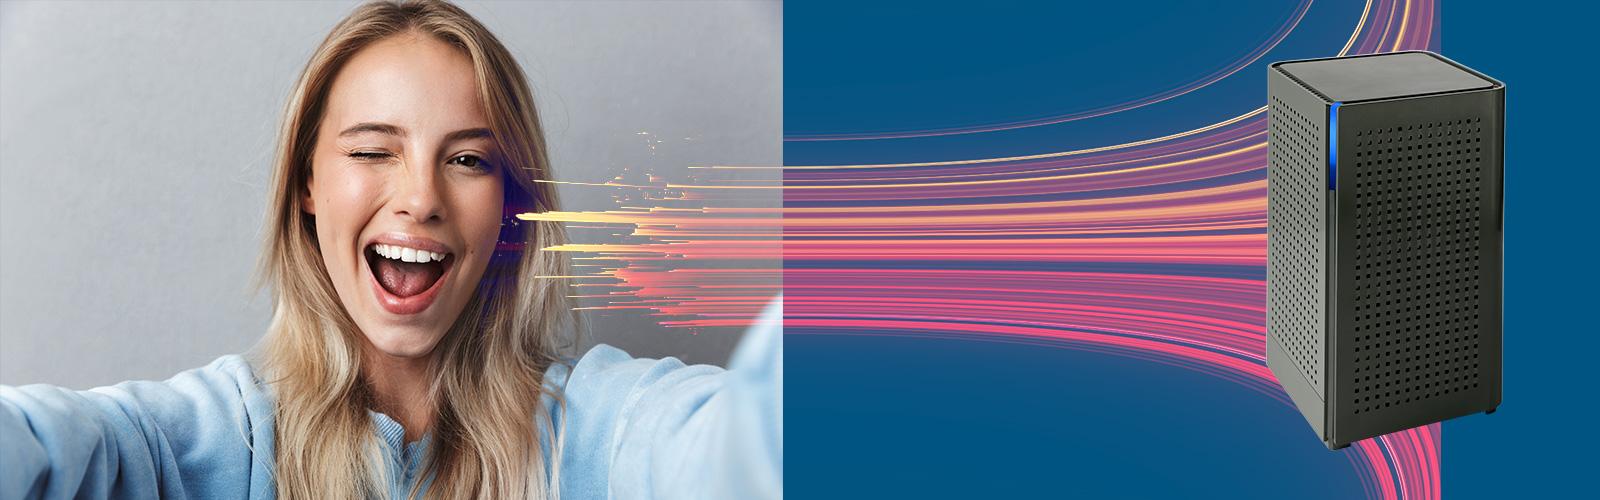 blast-selfie-bluebkg-1600x500-1